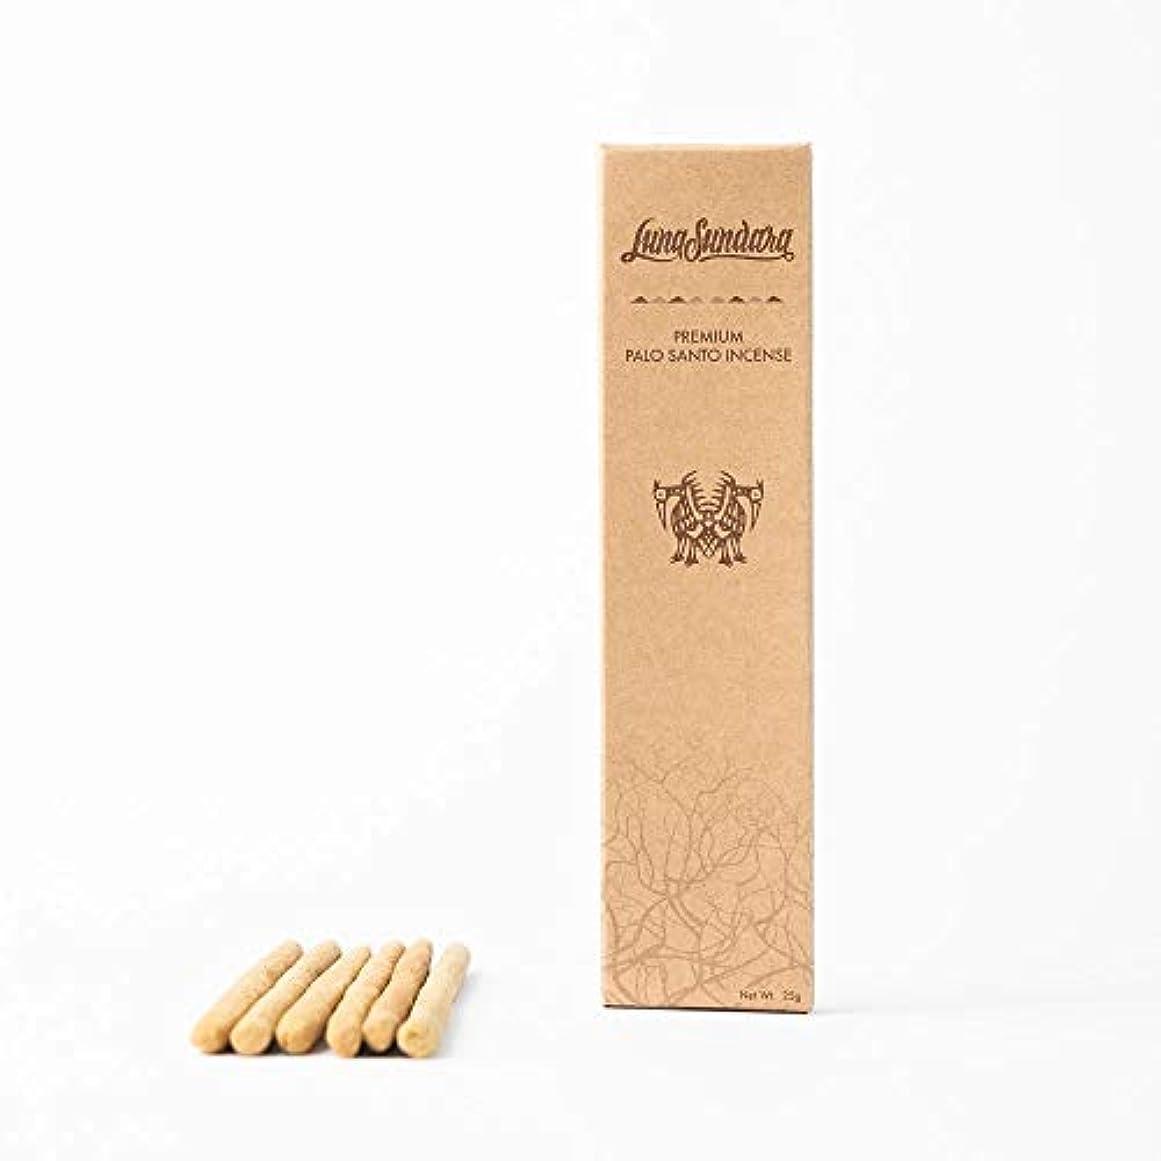 楽しいシティ感謝するルナスンダラ (Luna Sundara) Premium Palo Santo Hand Rolled Incense Sticks プレミアム パロサント ハンドロールインセンスお香[6本入りBOX]